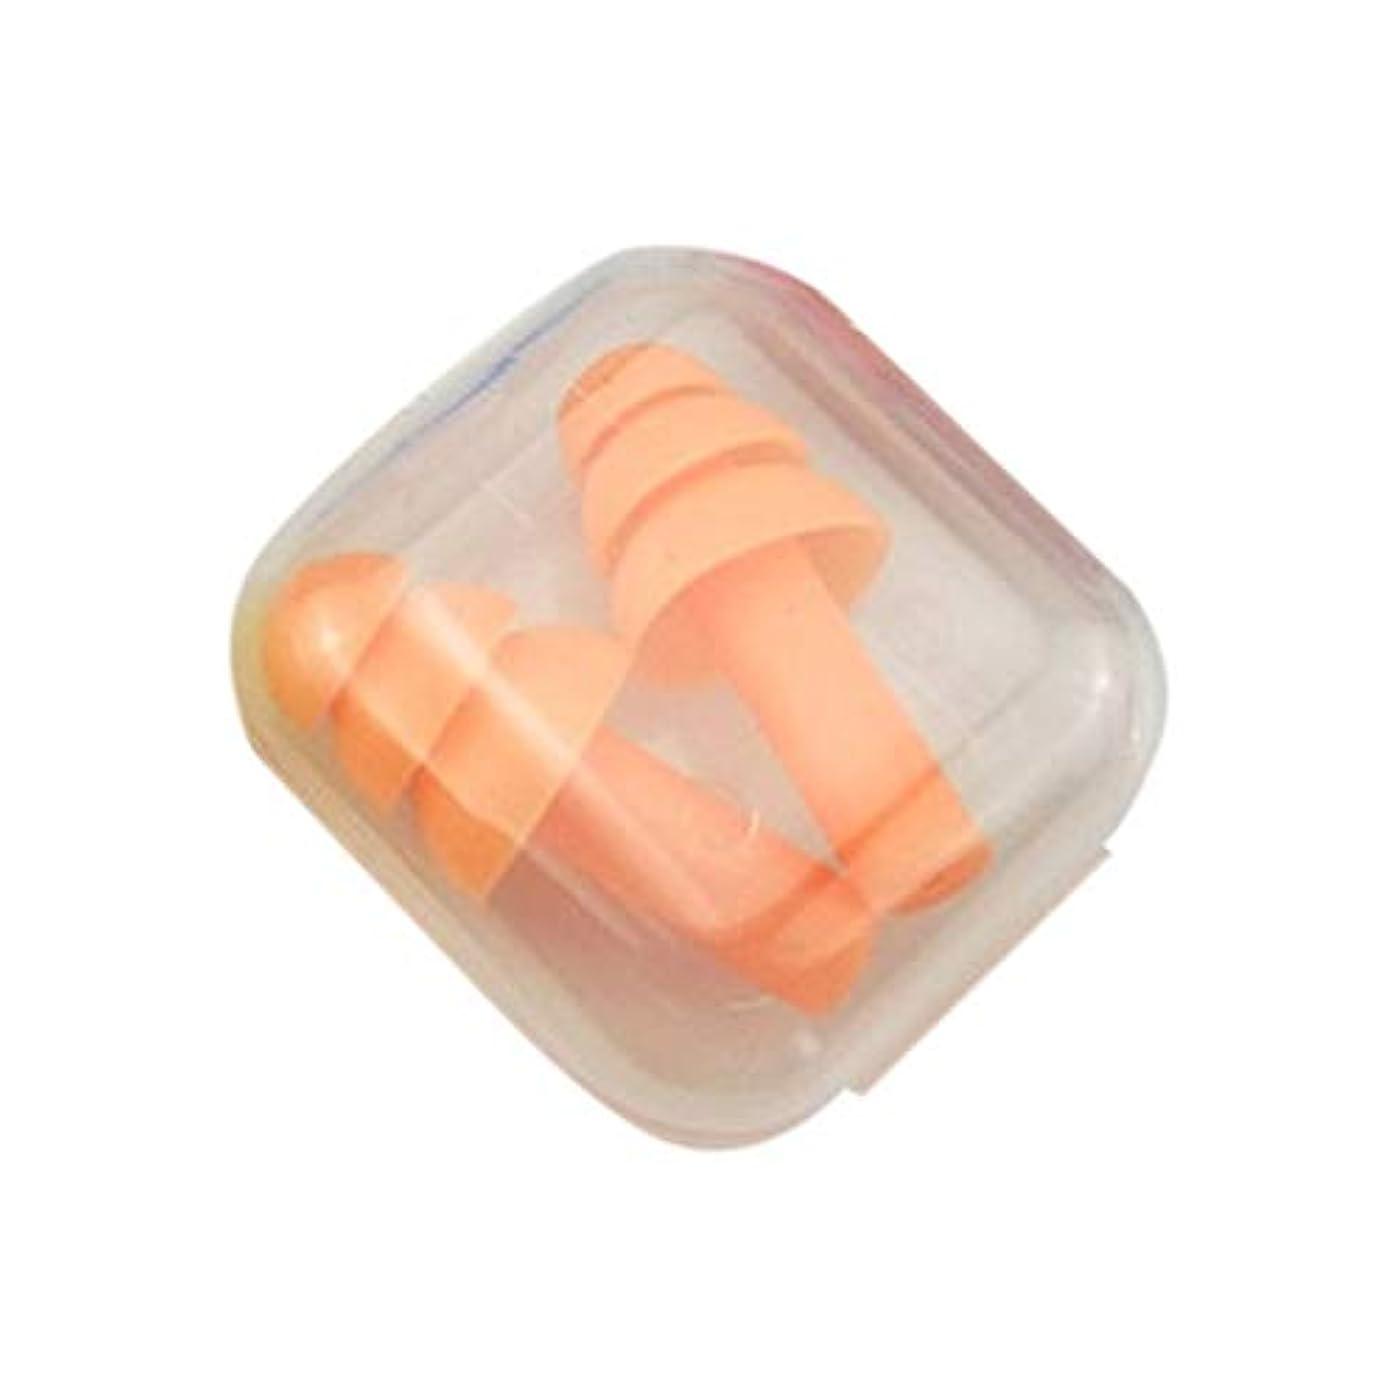 会計無駄だコーデリア柔らかいシリコーンの耳栓遮音用耳の保護用の耳栓防音睡眠ボックス付き収納ボックス - オレンジ